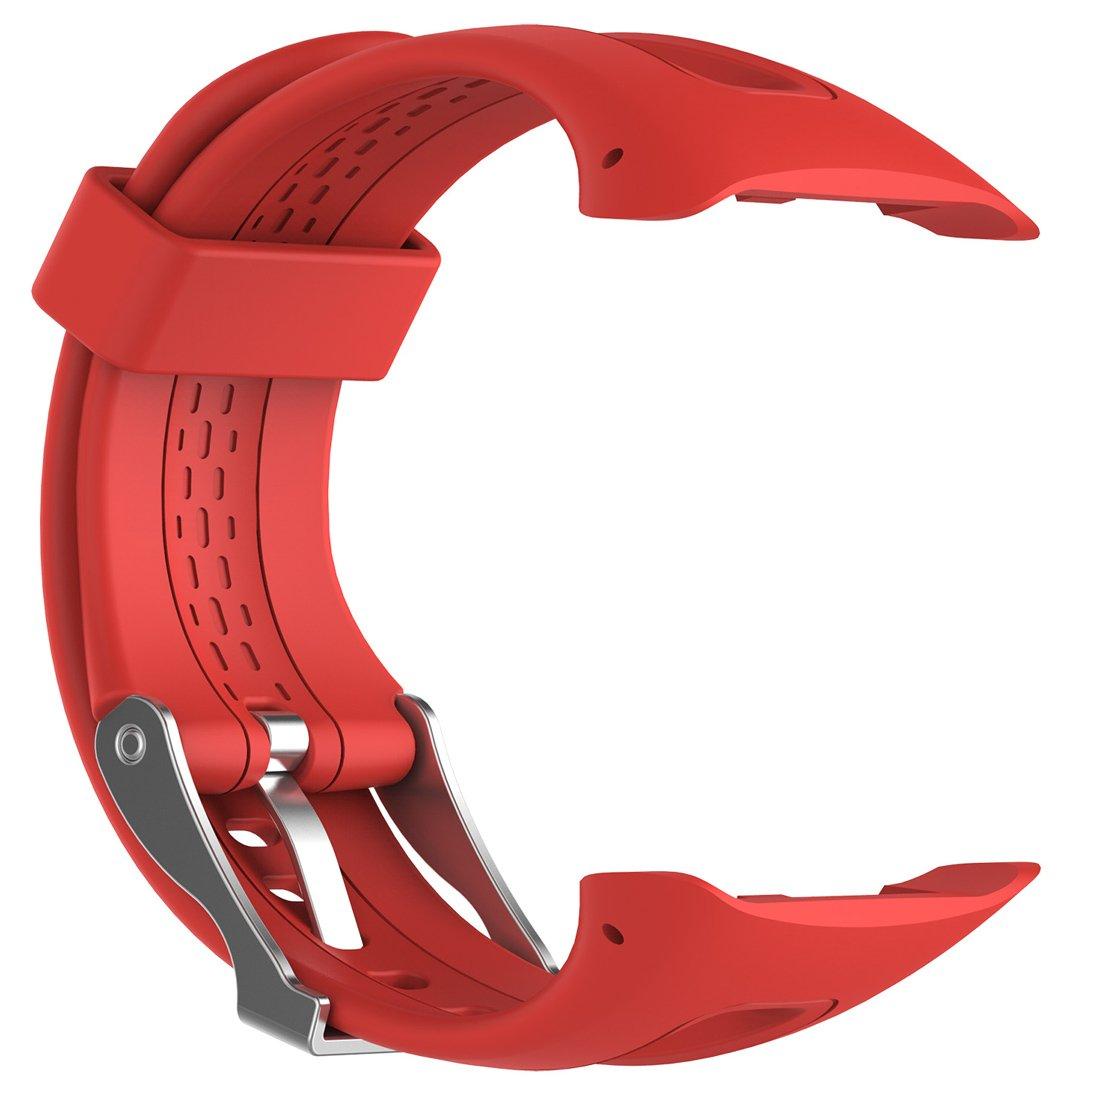 Correa de repuesto, de la marca Lokeke, para Smartwatch Garmin Forerunner 10 y 15